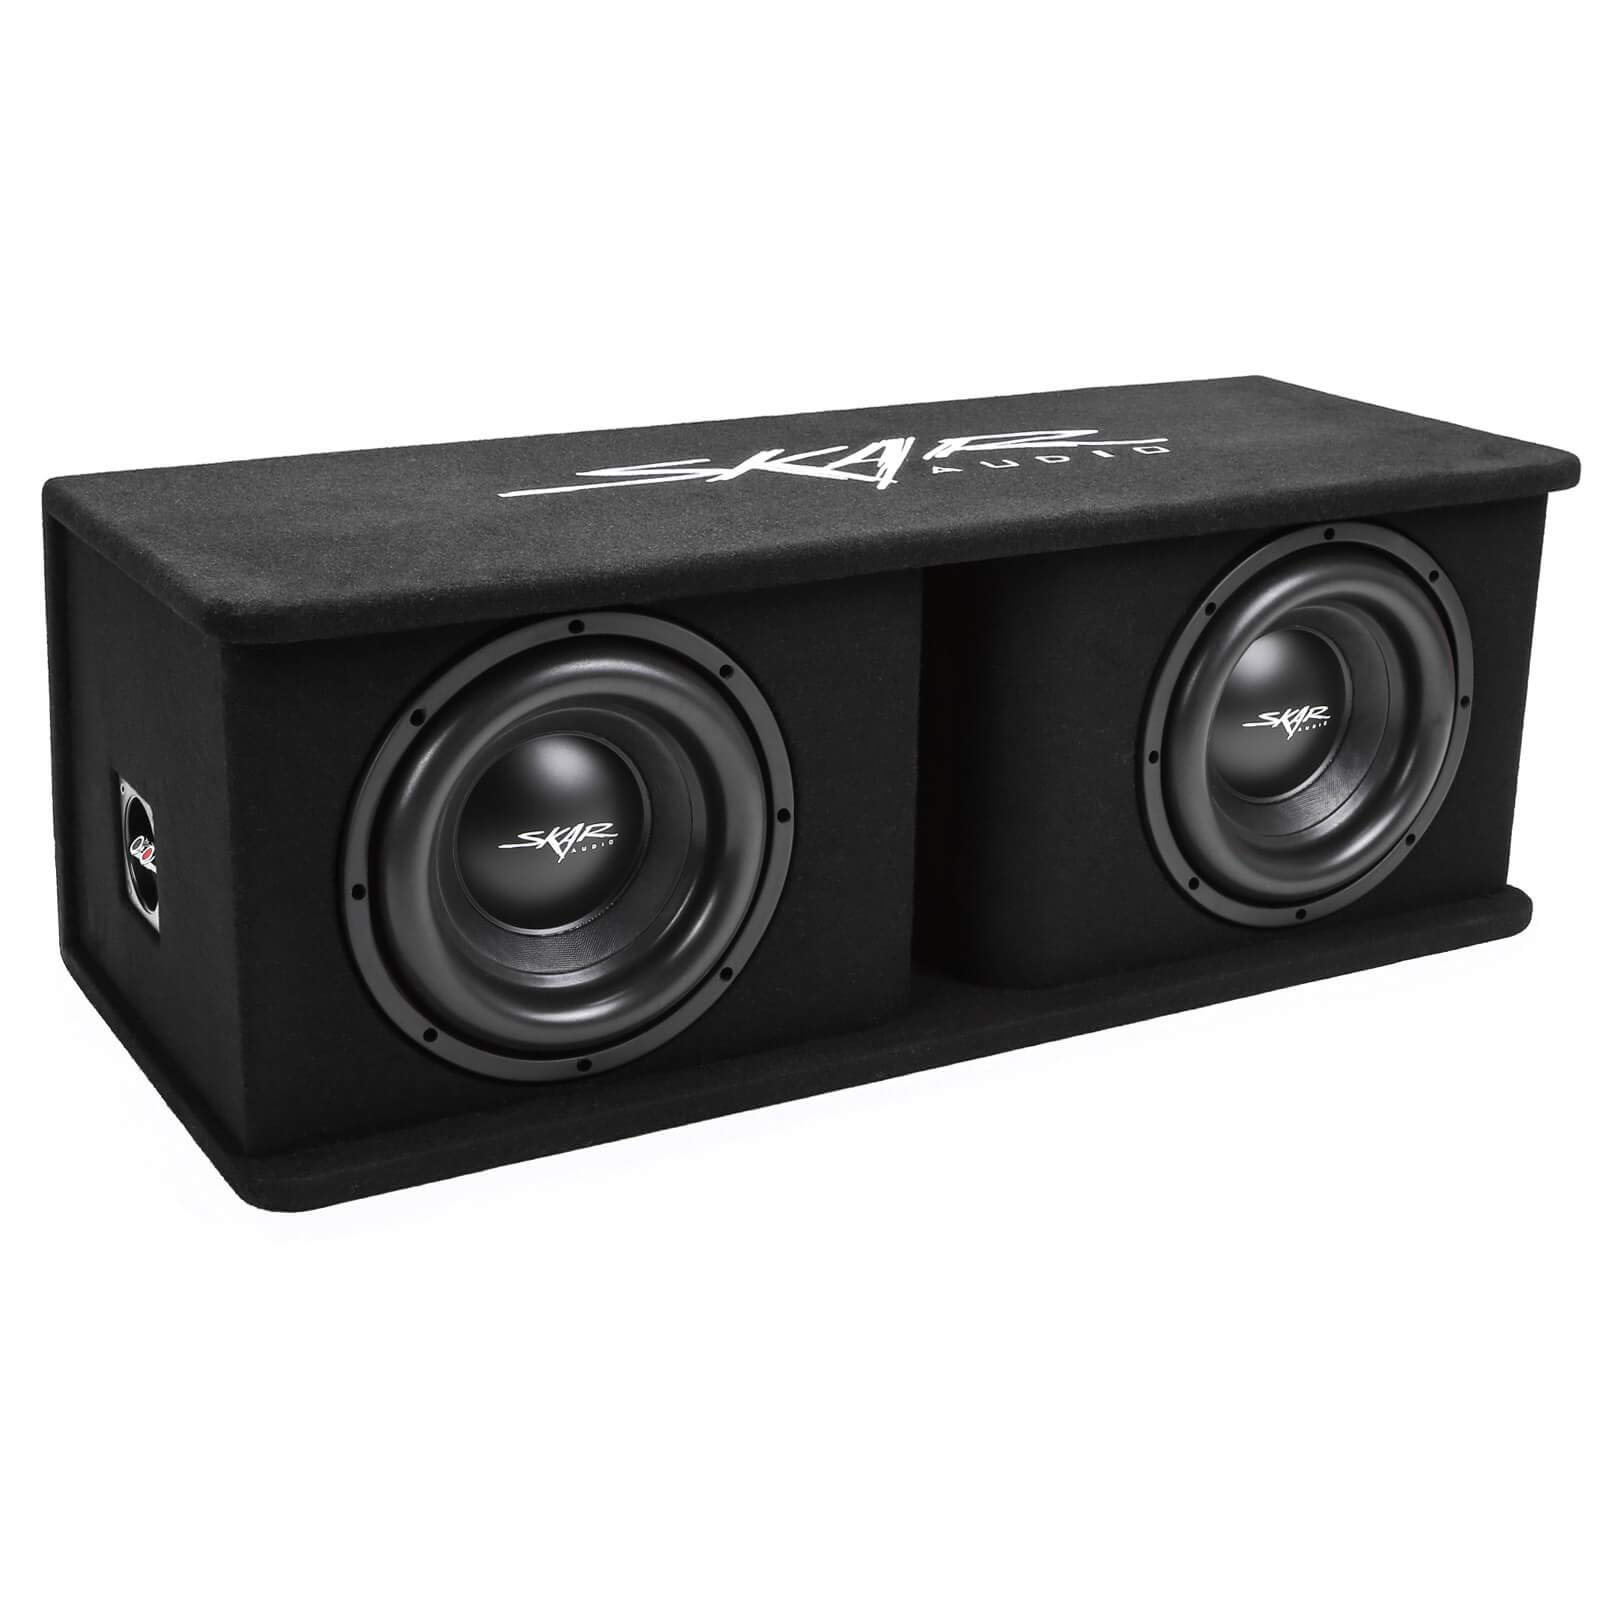 Skar Audio Subwoofer Enclosure SDR 2X10D4